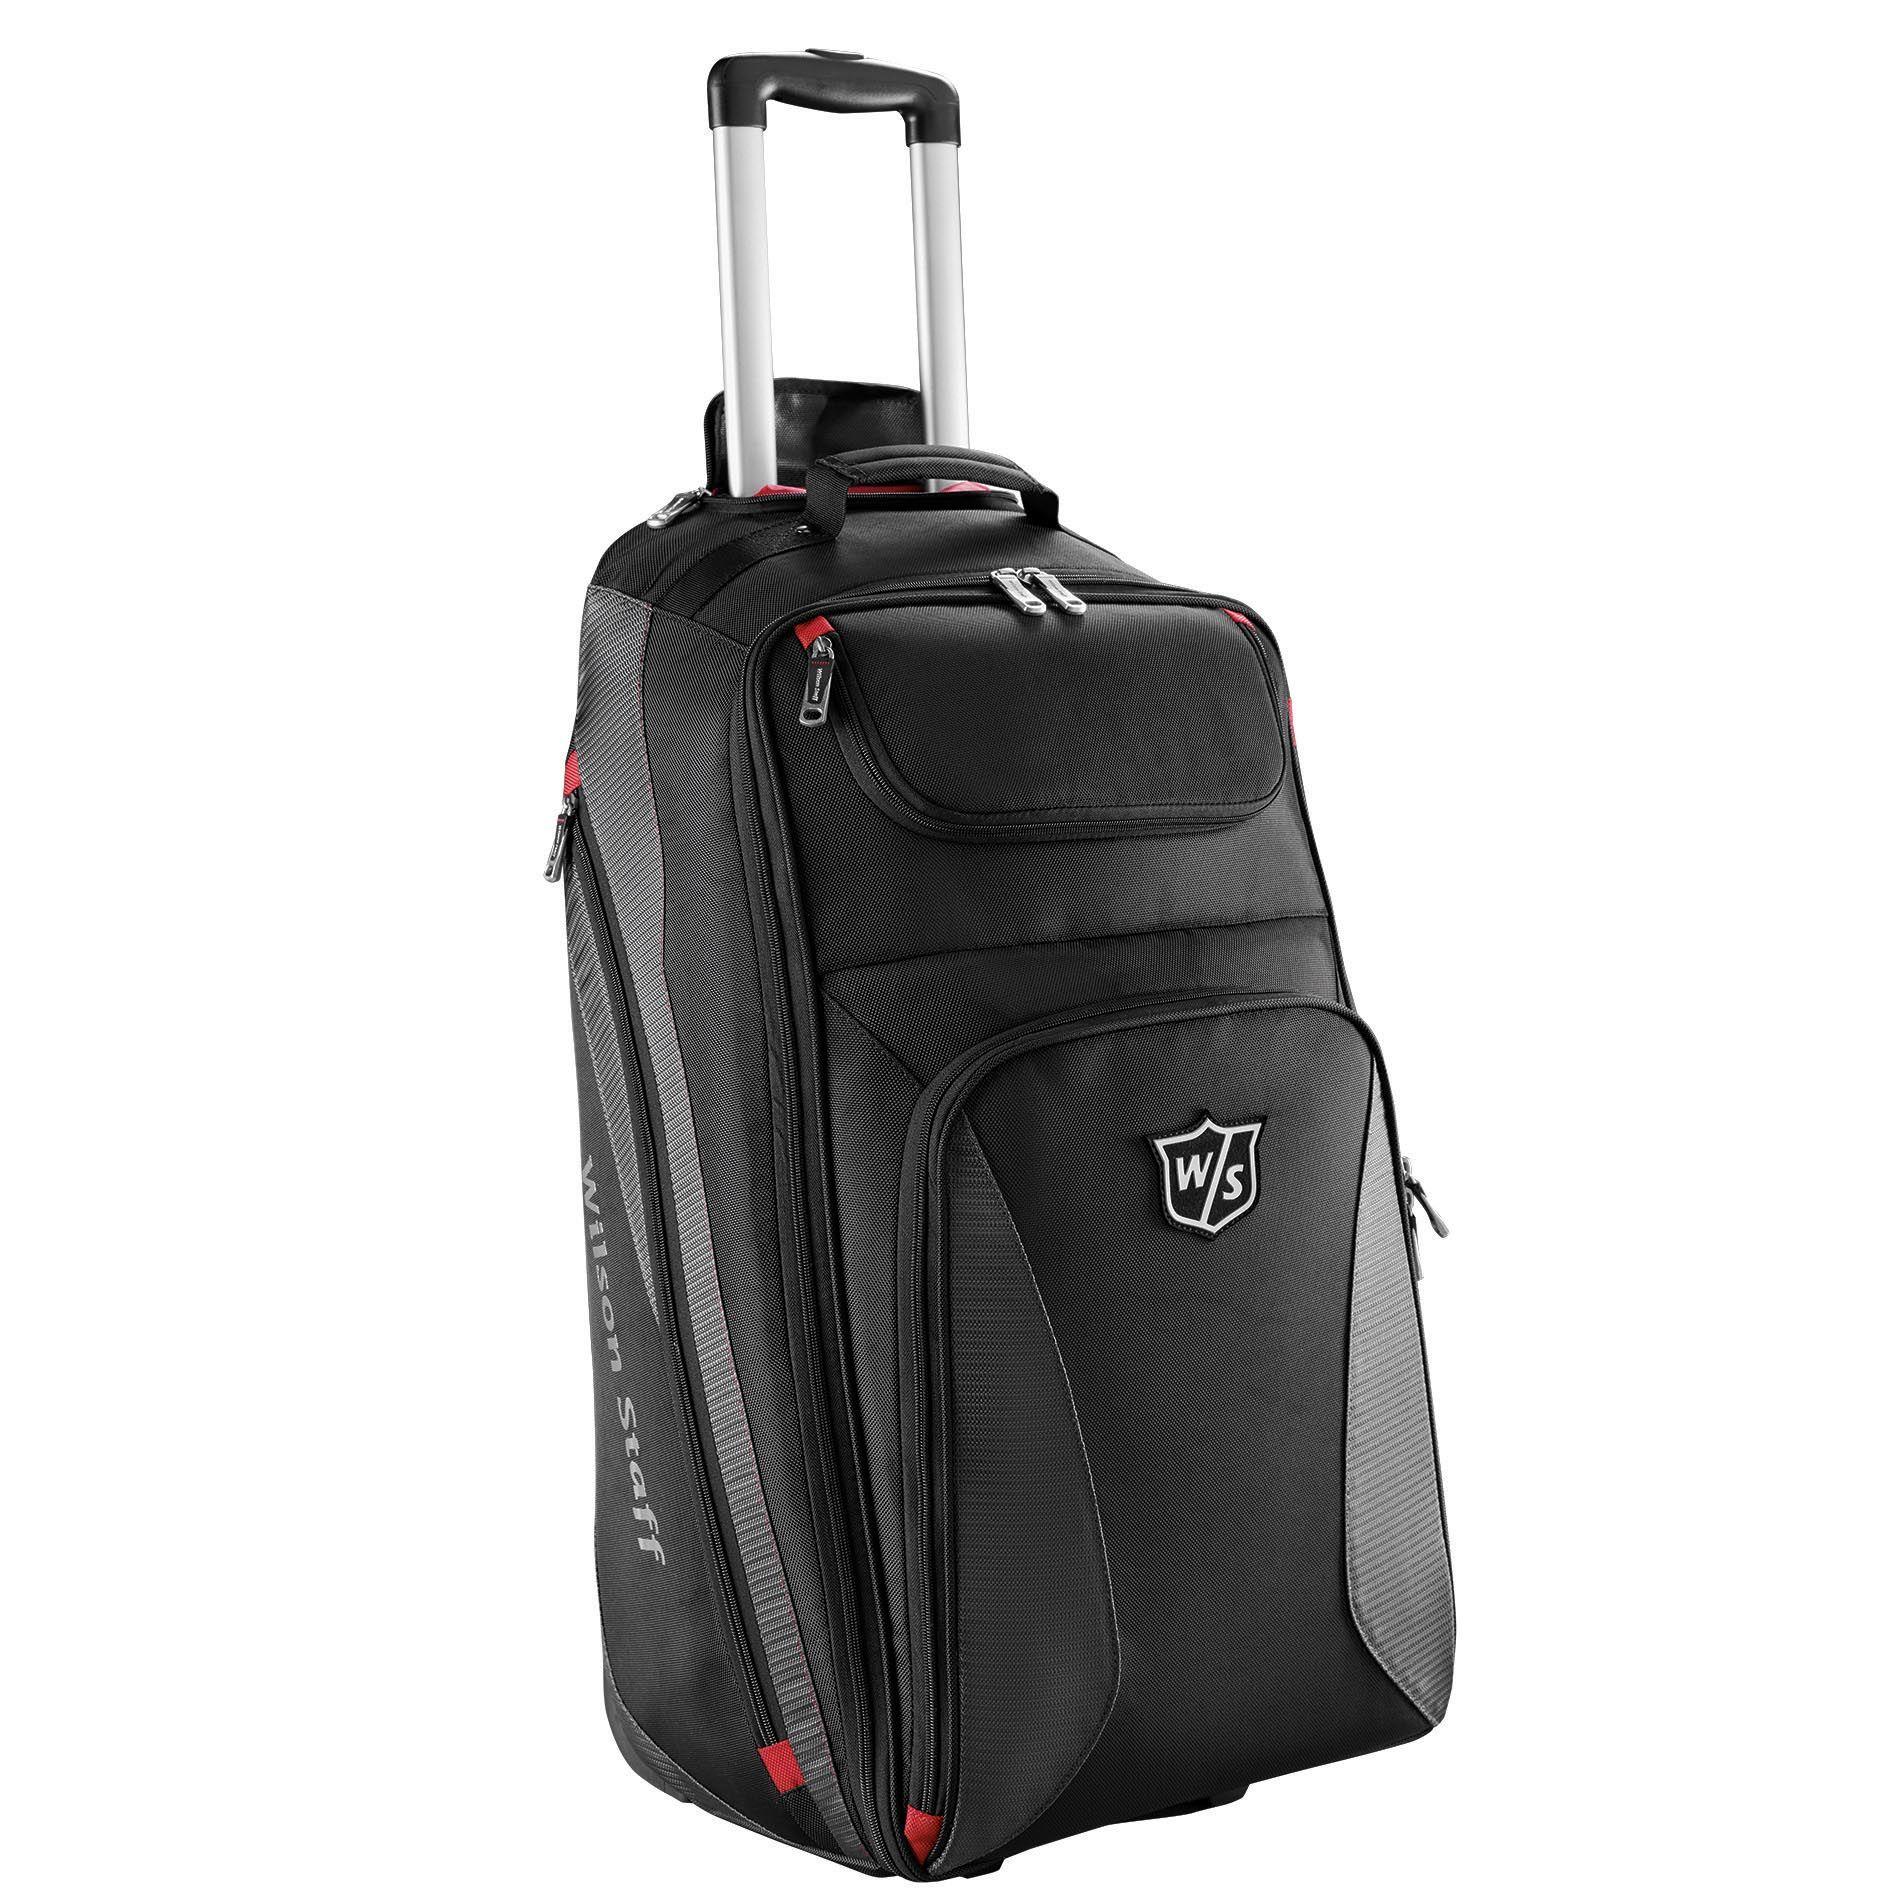 wilson staff wheeled travel bag. Black Bedroom Furniture Sets. Home Design Ideas